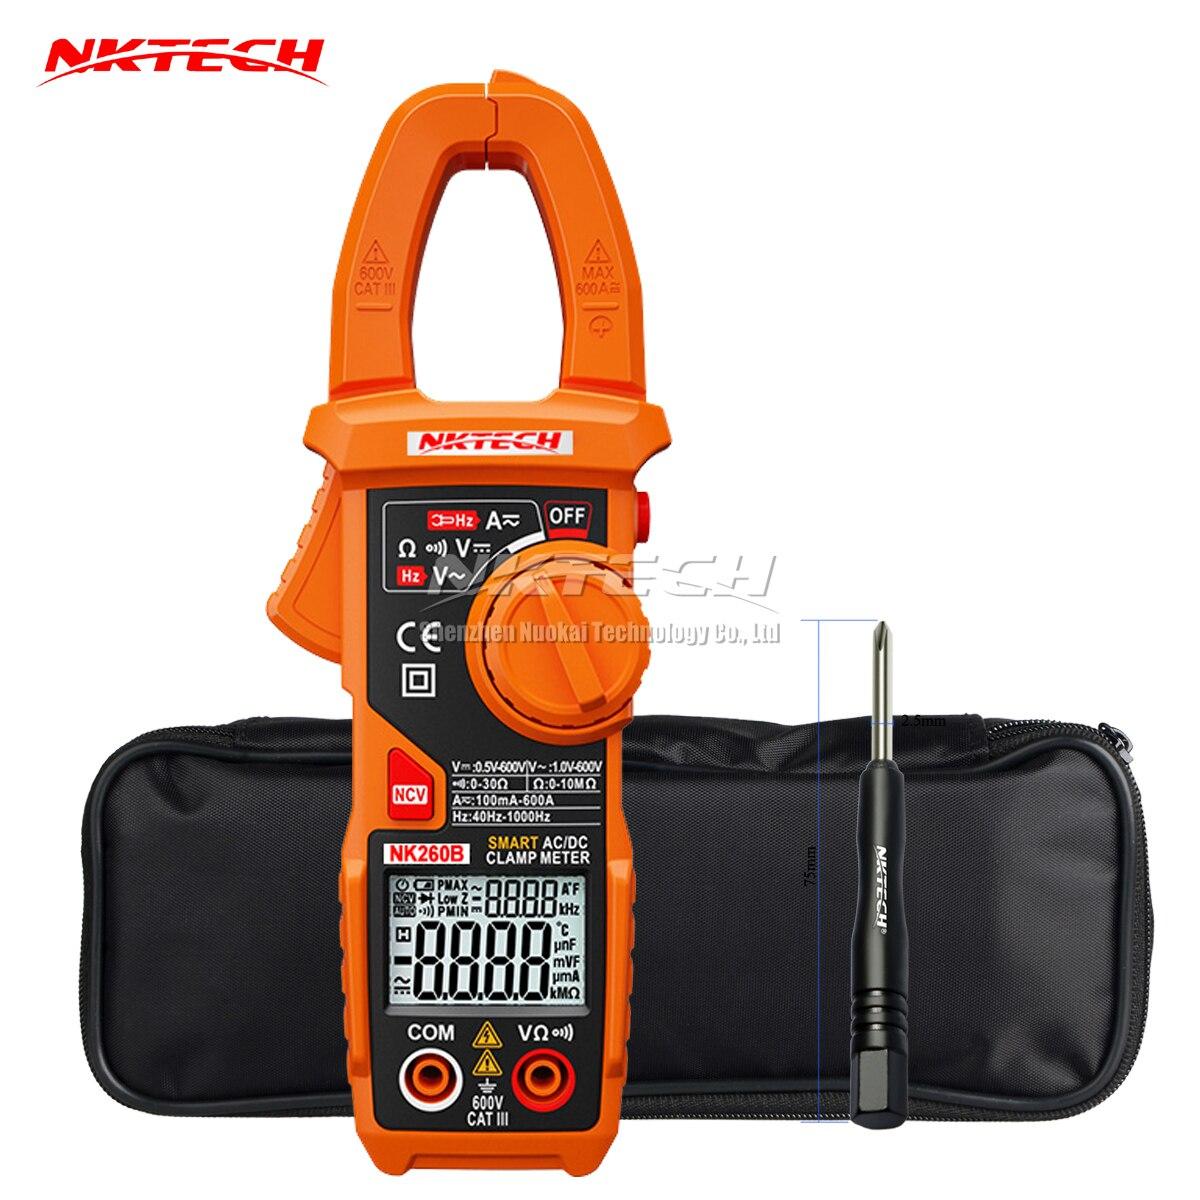 NKTECH NK260B Numérique Pince Multimètre Smart Auto Range AC DC Tension Courant Résistance Fréquence Auto Reconnaître V/Ohm/un 6000 Compte